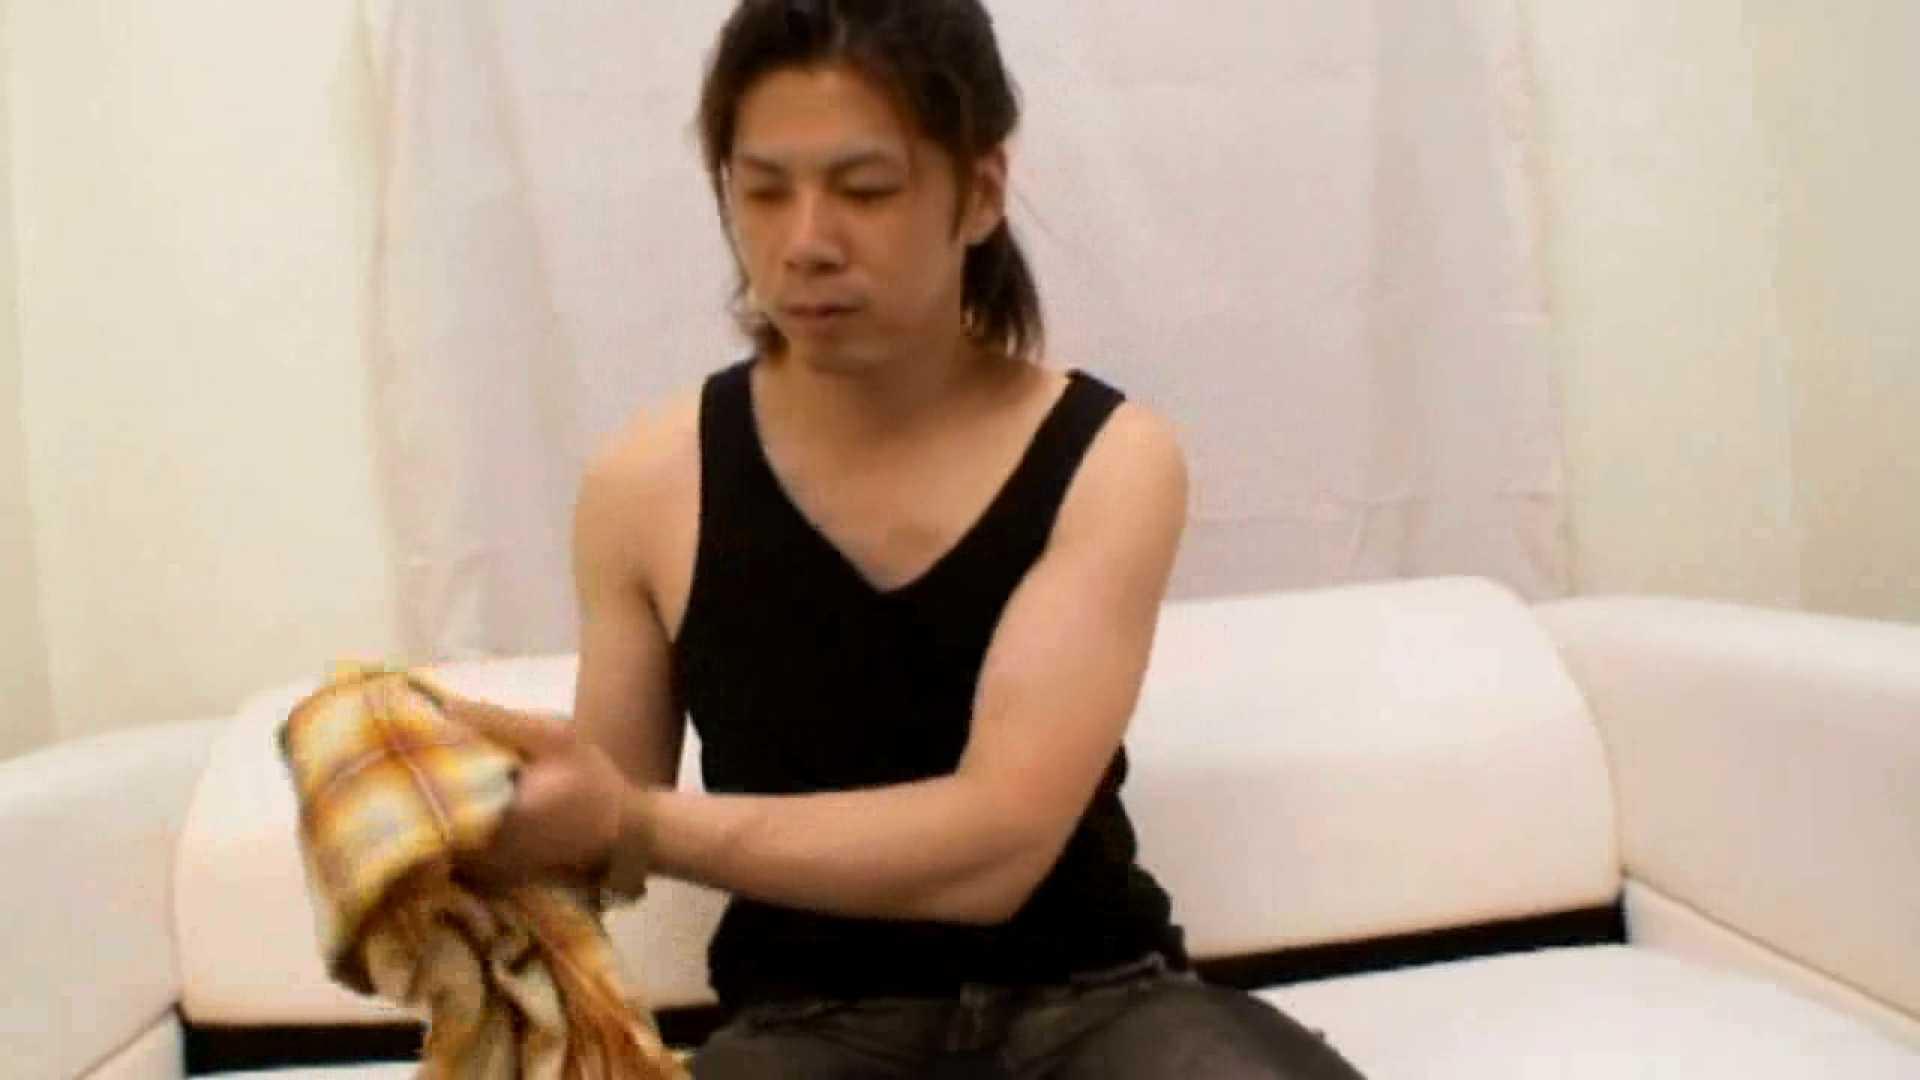 ノンケ!自慰スタジオ No.18 オナニー ゲイエロビデオ画像 110pic 50